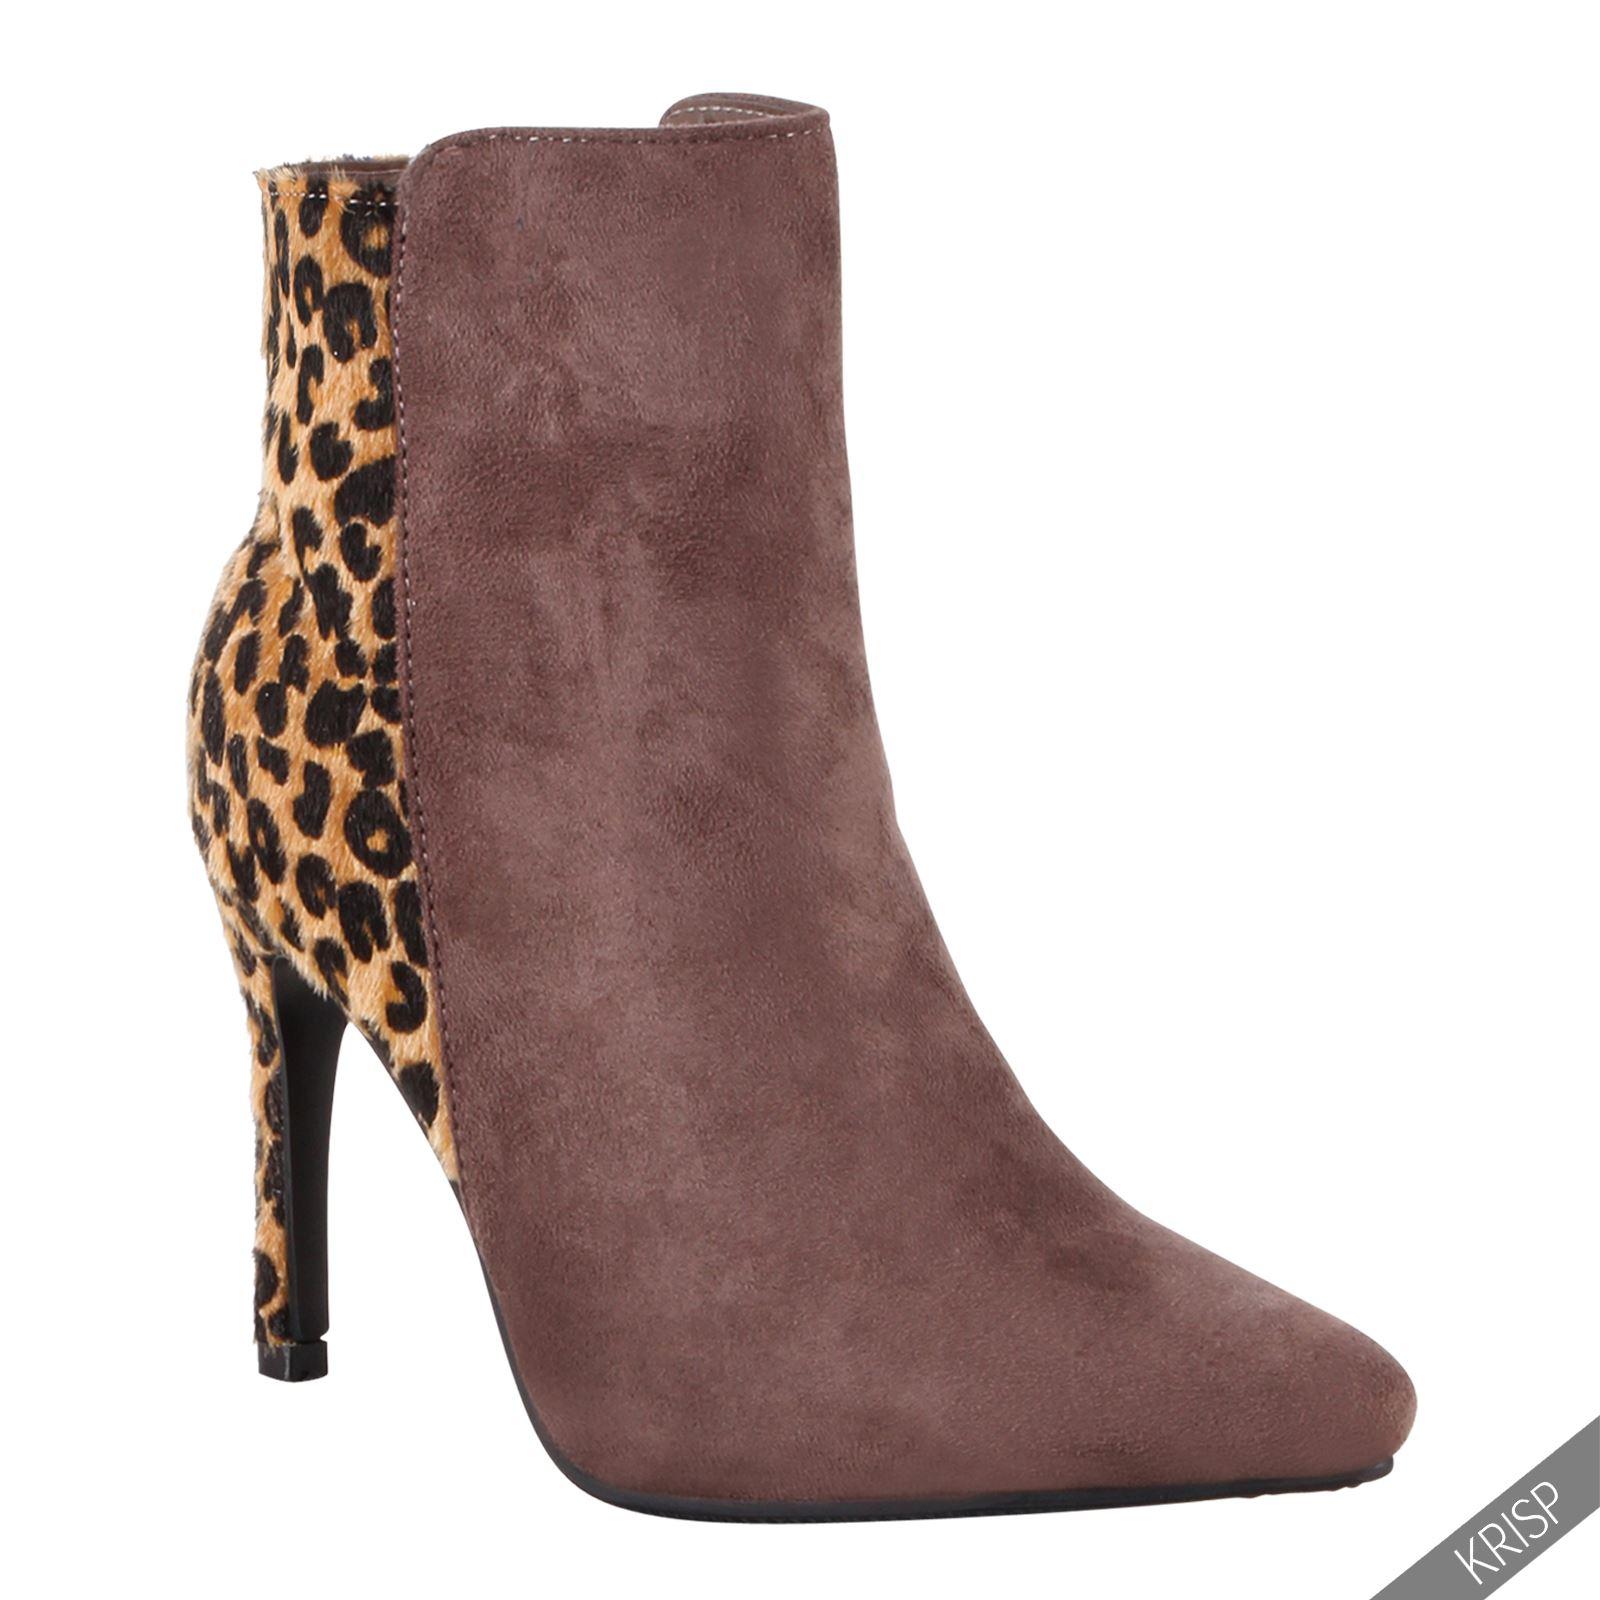 damen leoparden stiefeletten mit absatz gef ttert ankle boots winter warm ebay. Black Bedroom Furniture Sets. Home Design Ideas